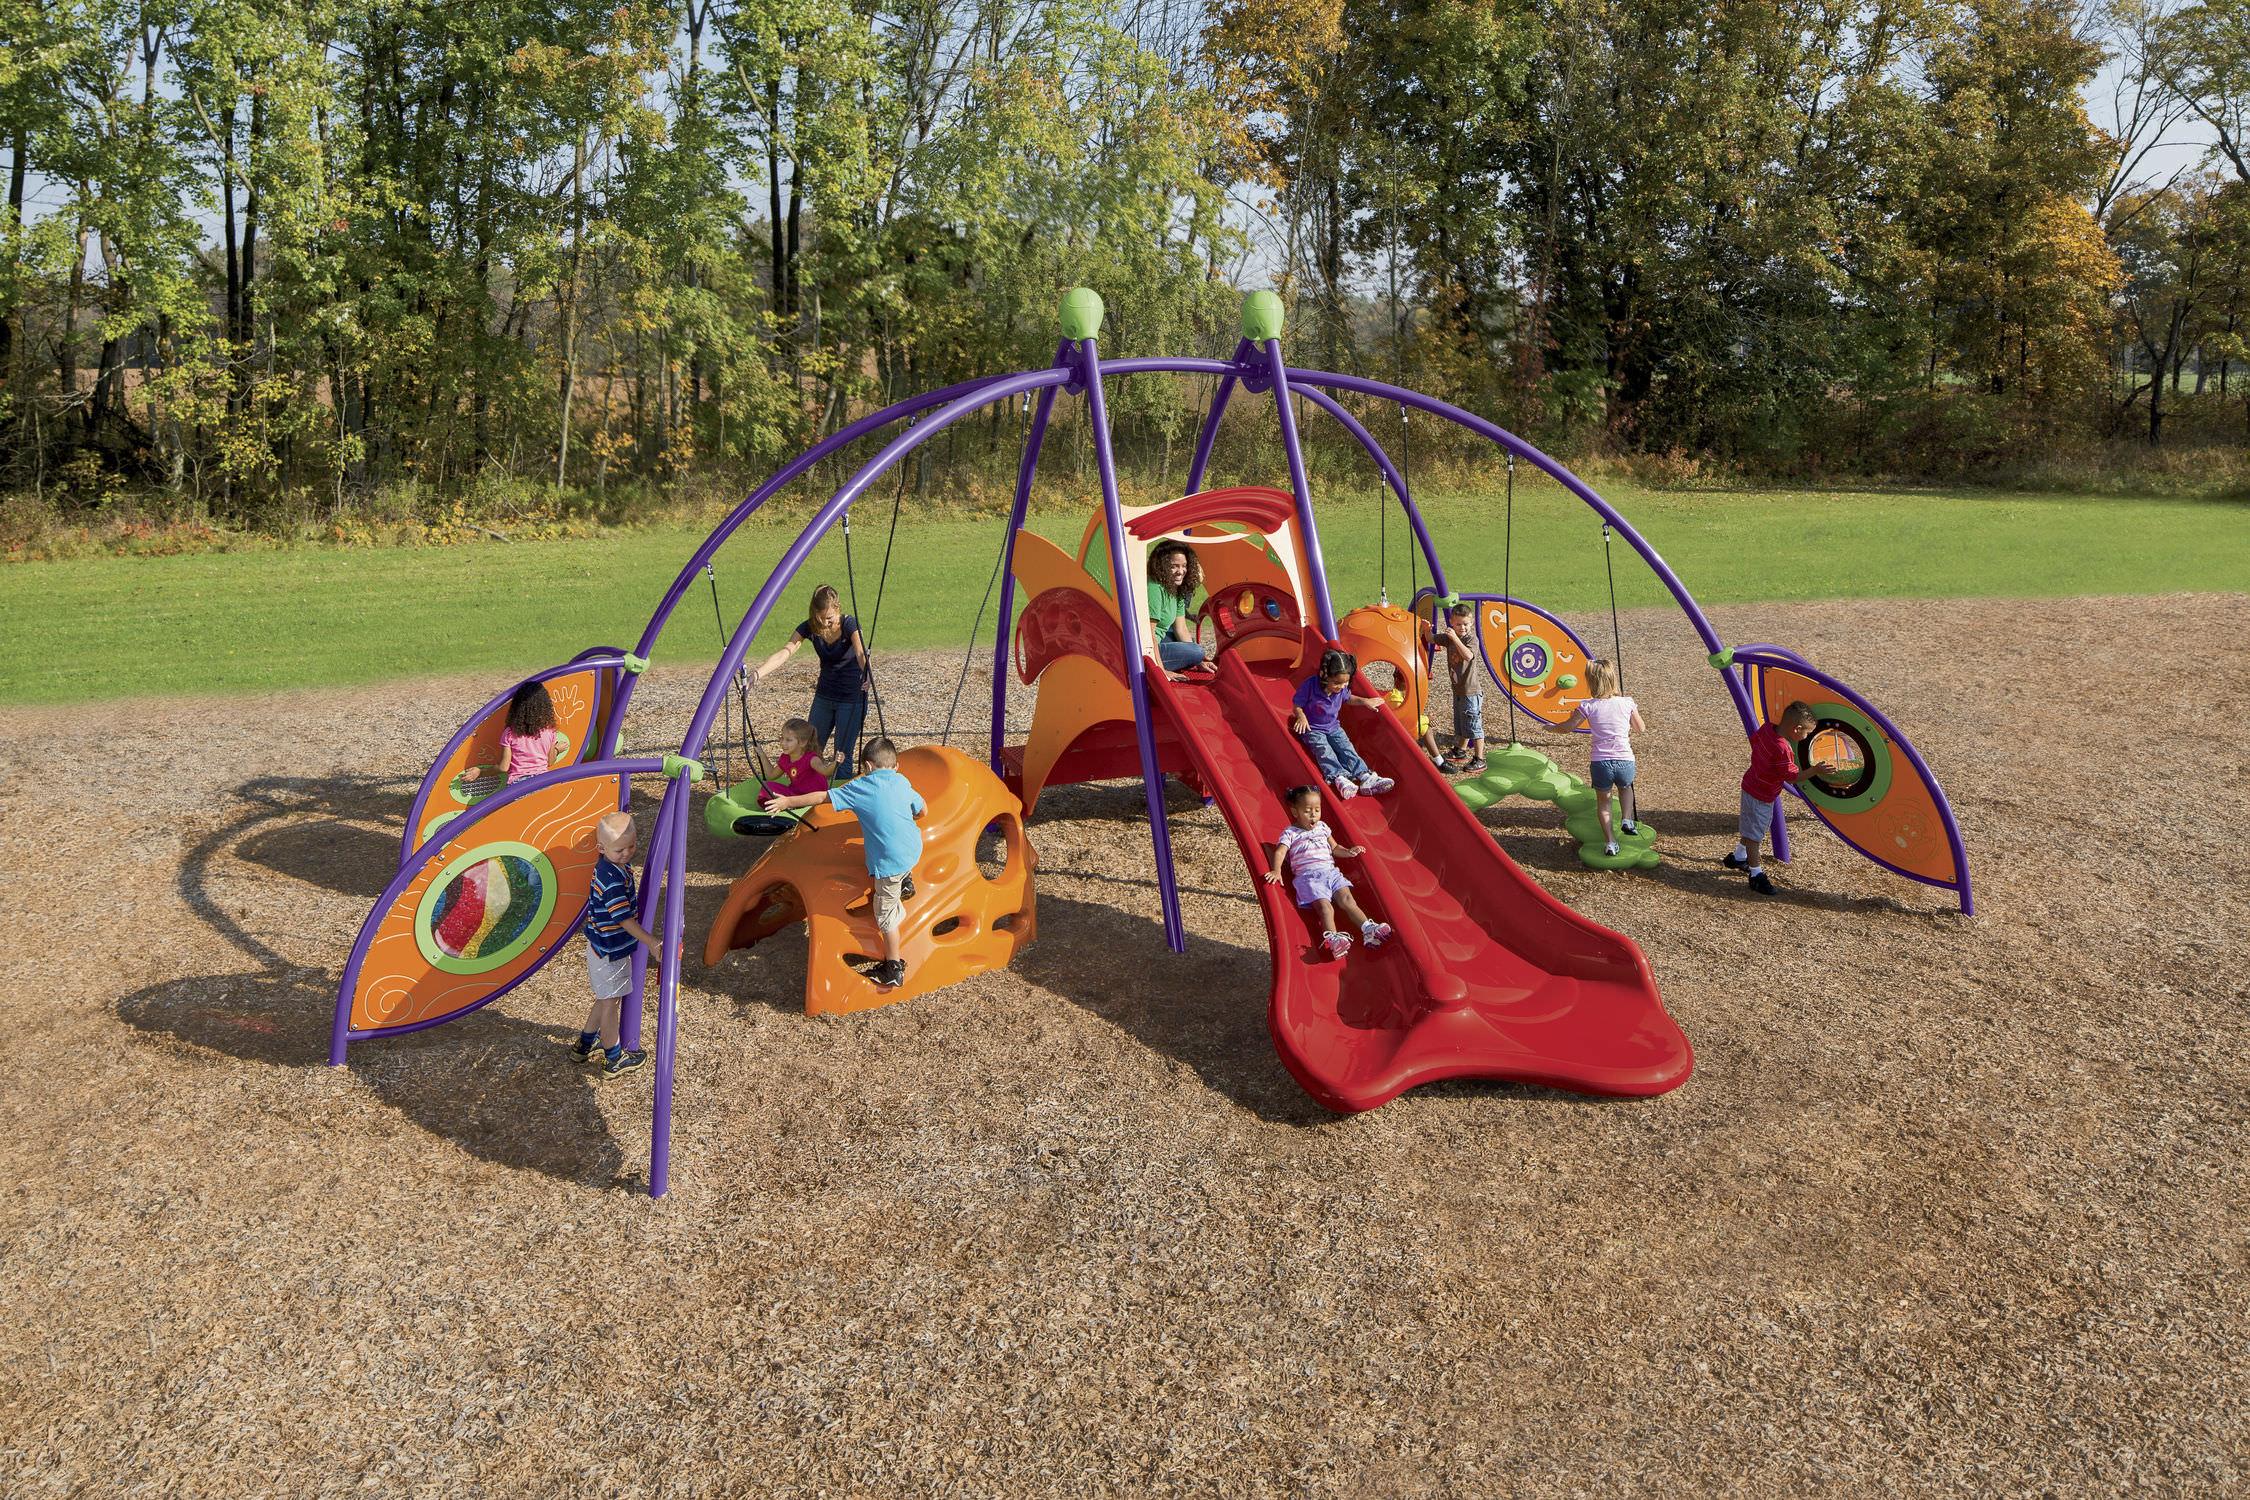 estacin de juego de plstico de acero para parque infantil para personas con movilidad reducida activo bambino playville